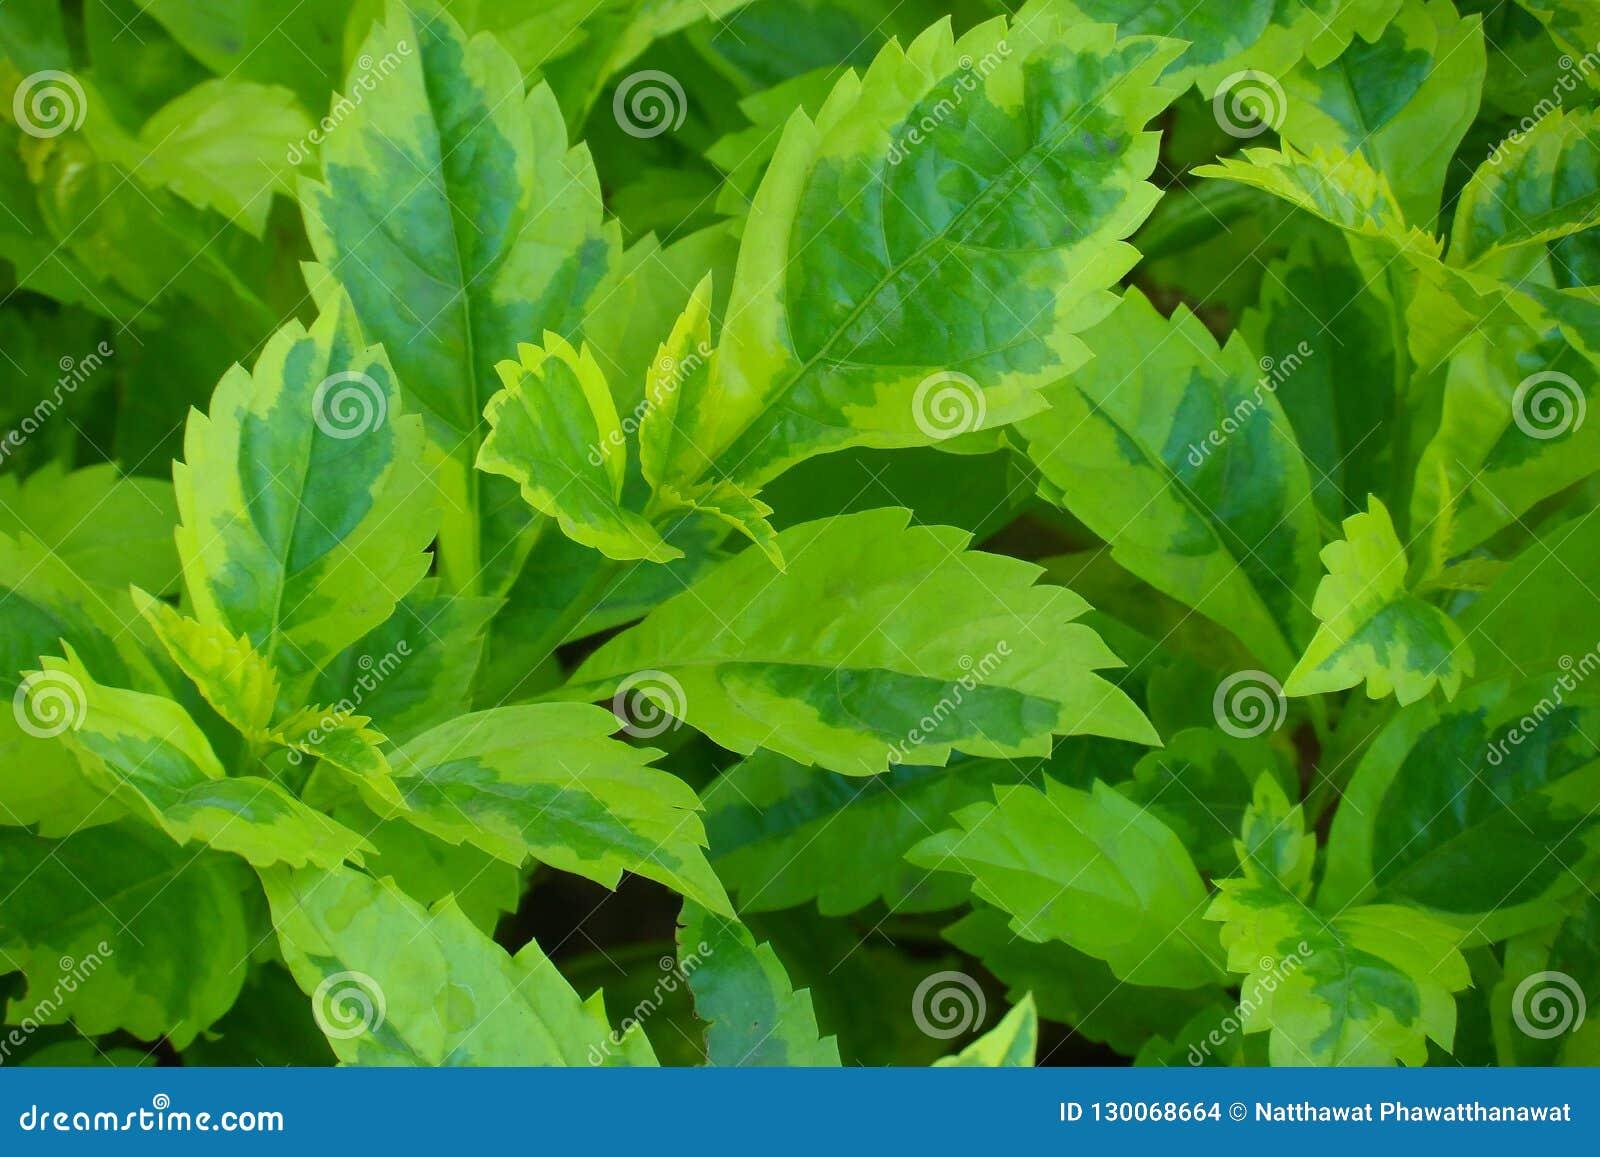 Förlöjliga växten, bladguld är också ett sakralt namn som används i olik lovande rekvisita Behandling av smärtar, bulnad, behandl